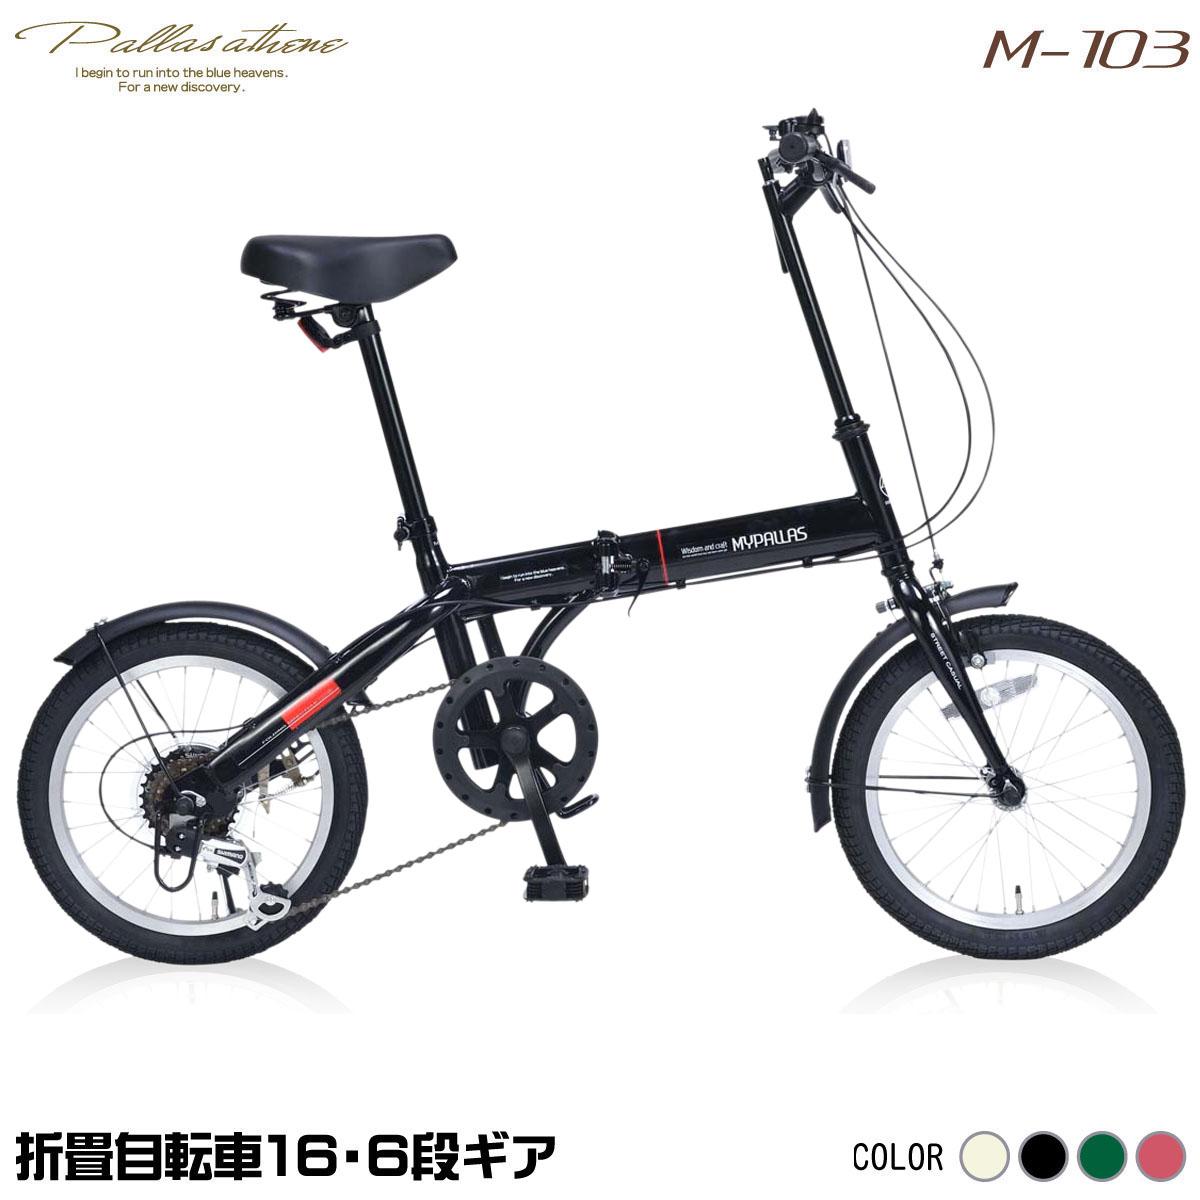 【送料無料】マイパラス M-103-BK ブラック [折りたたみ自転車(16インチ・6段変速)]【同梱配送不可】【代引き不可】【本州以外配送不可】